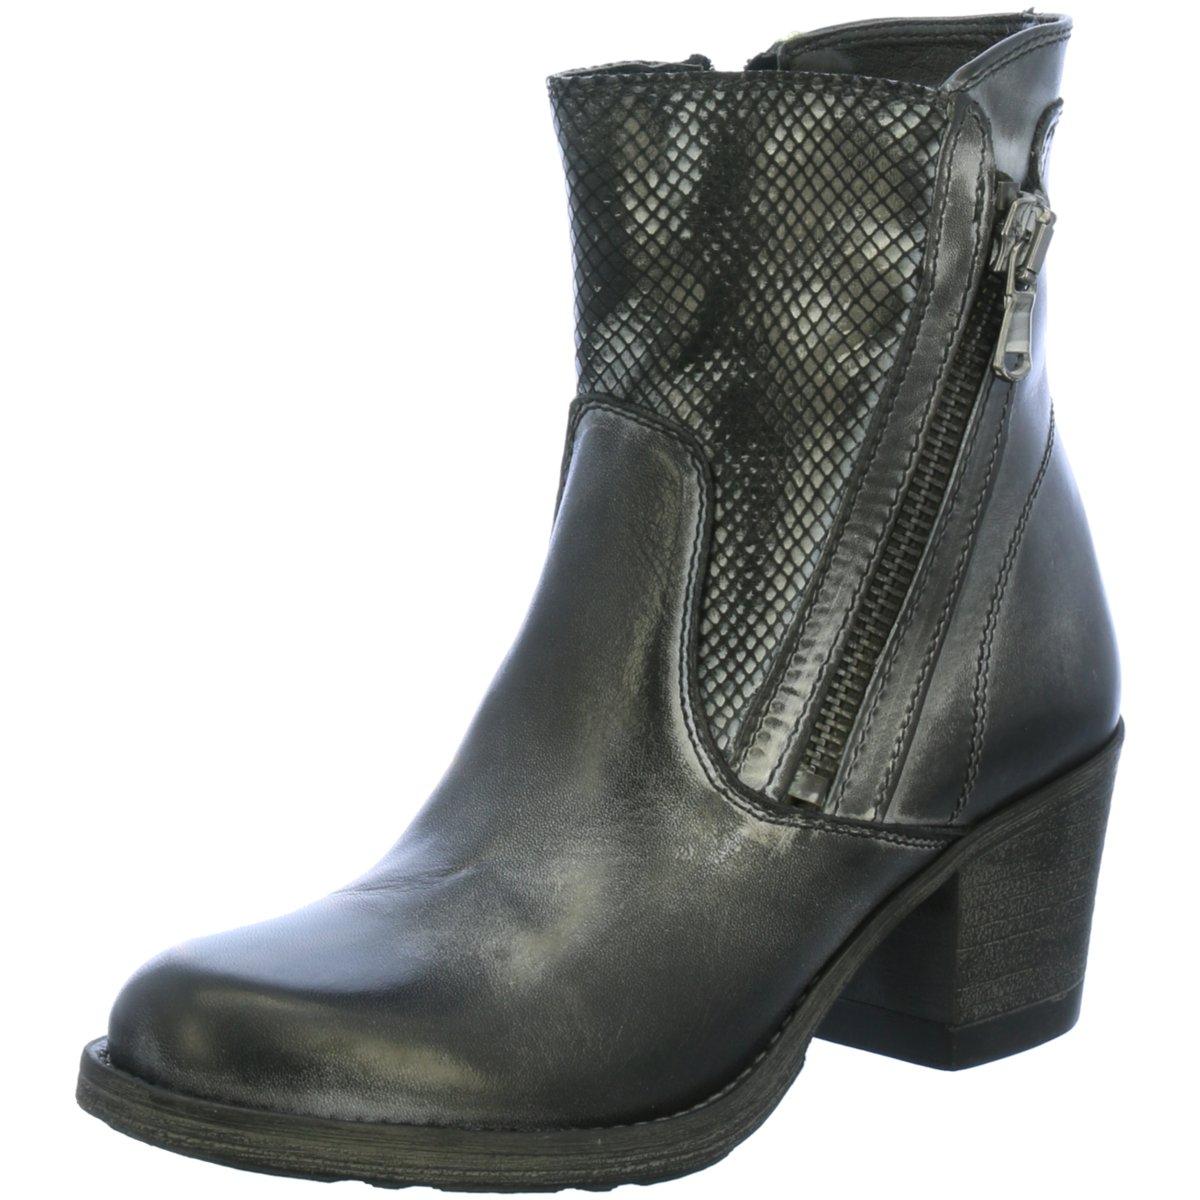 Details zu Tamaris Damen Stiefeletten Woms Boots 1 1 25449 25 002 schwarz 59288